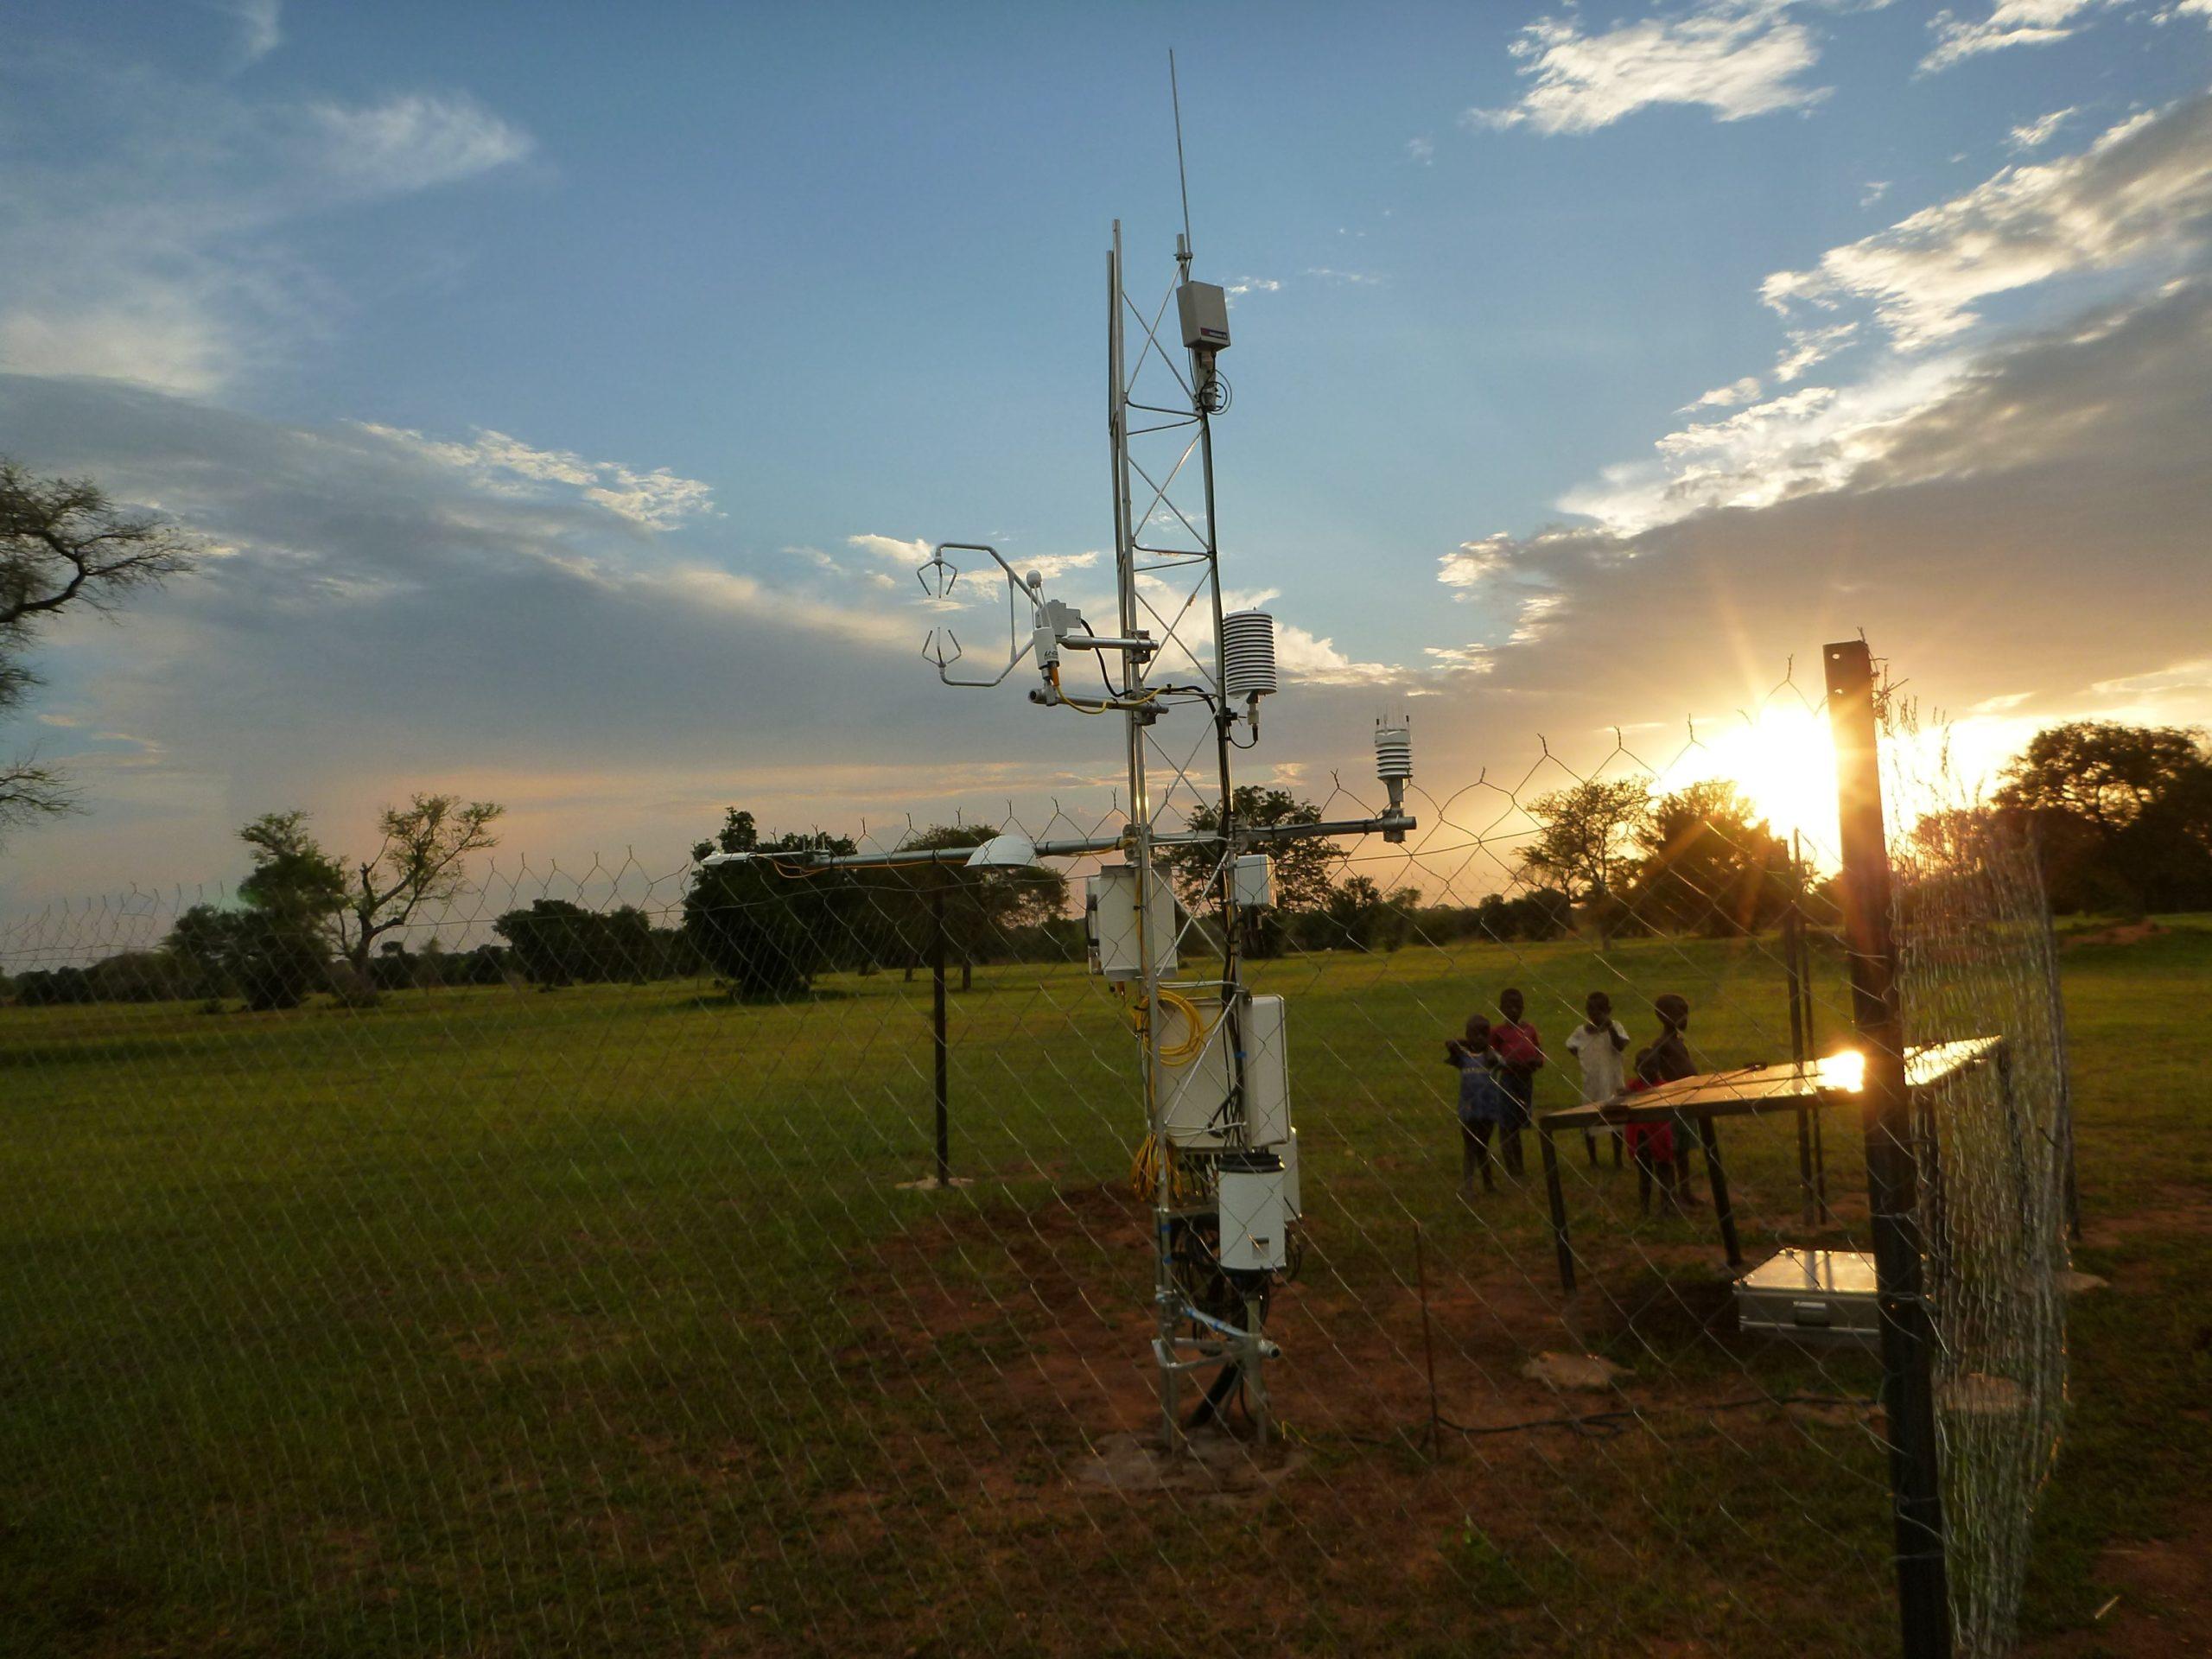 Eine Wetterstation mitsamt aller meteorologischen Messgeräte ist notwendig, um die Modellsysteme zu entwickeln (Ort: Ghana)